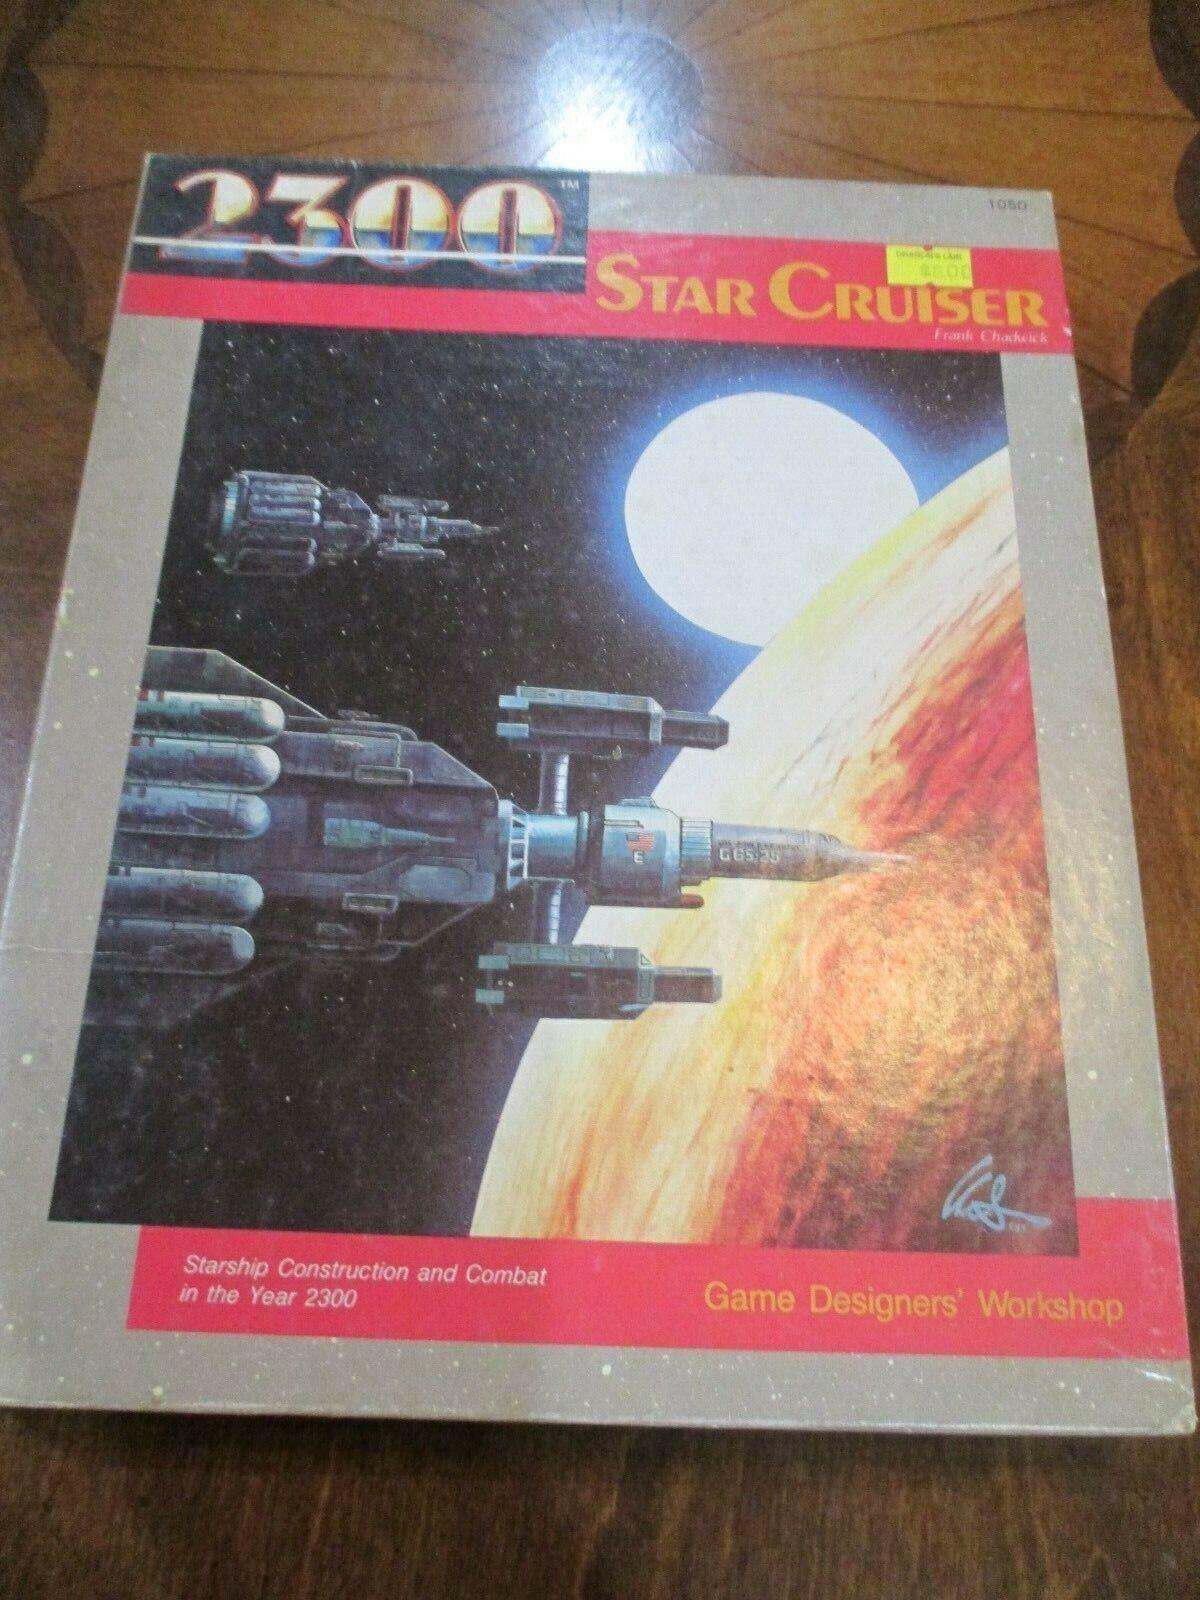 2300 estrella Cruiser   GDW giocos  il più recente